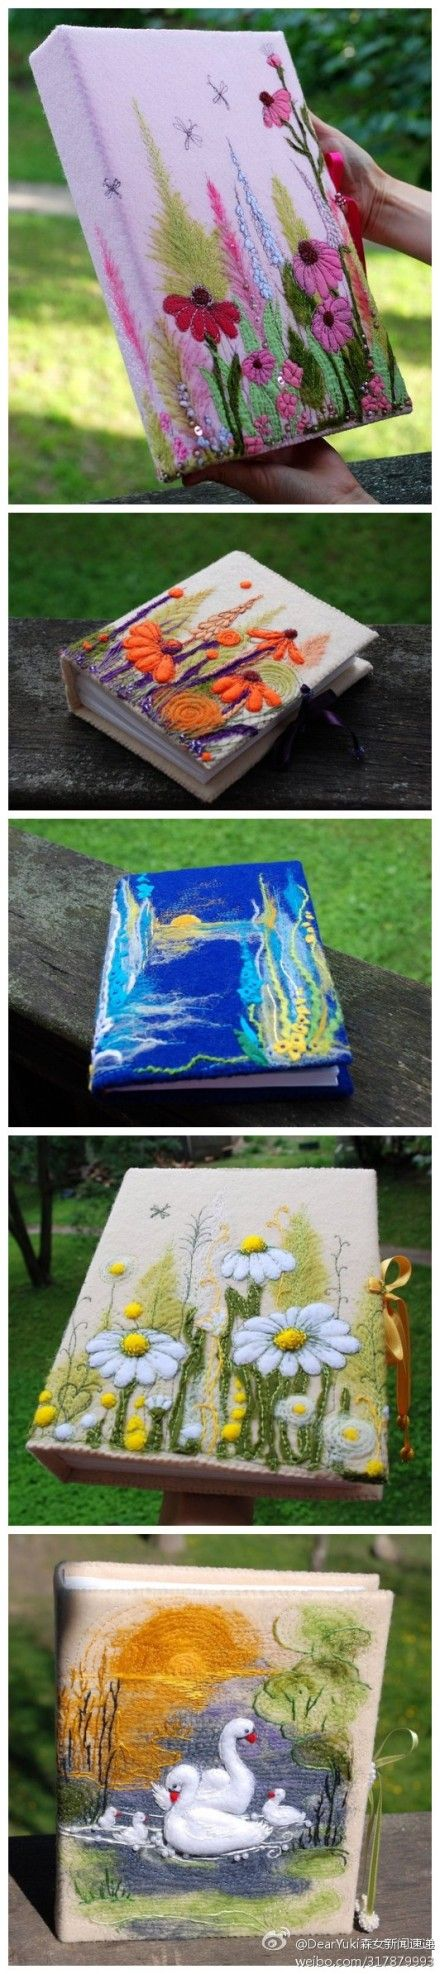 羊毛毡书本封面,羊毛毡真的是可塑性极强的创作材料,积极发挥创意吧·